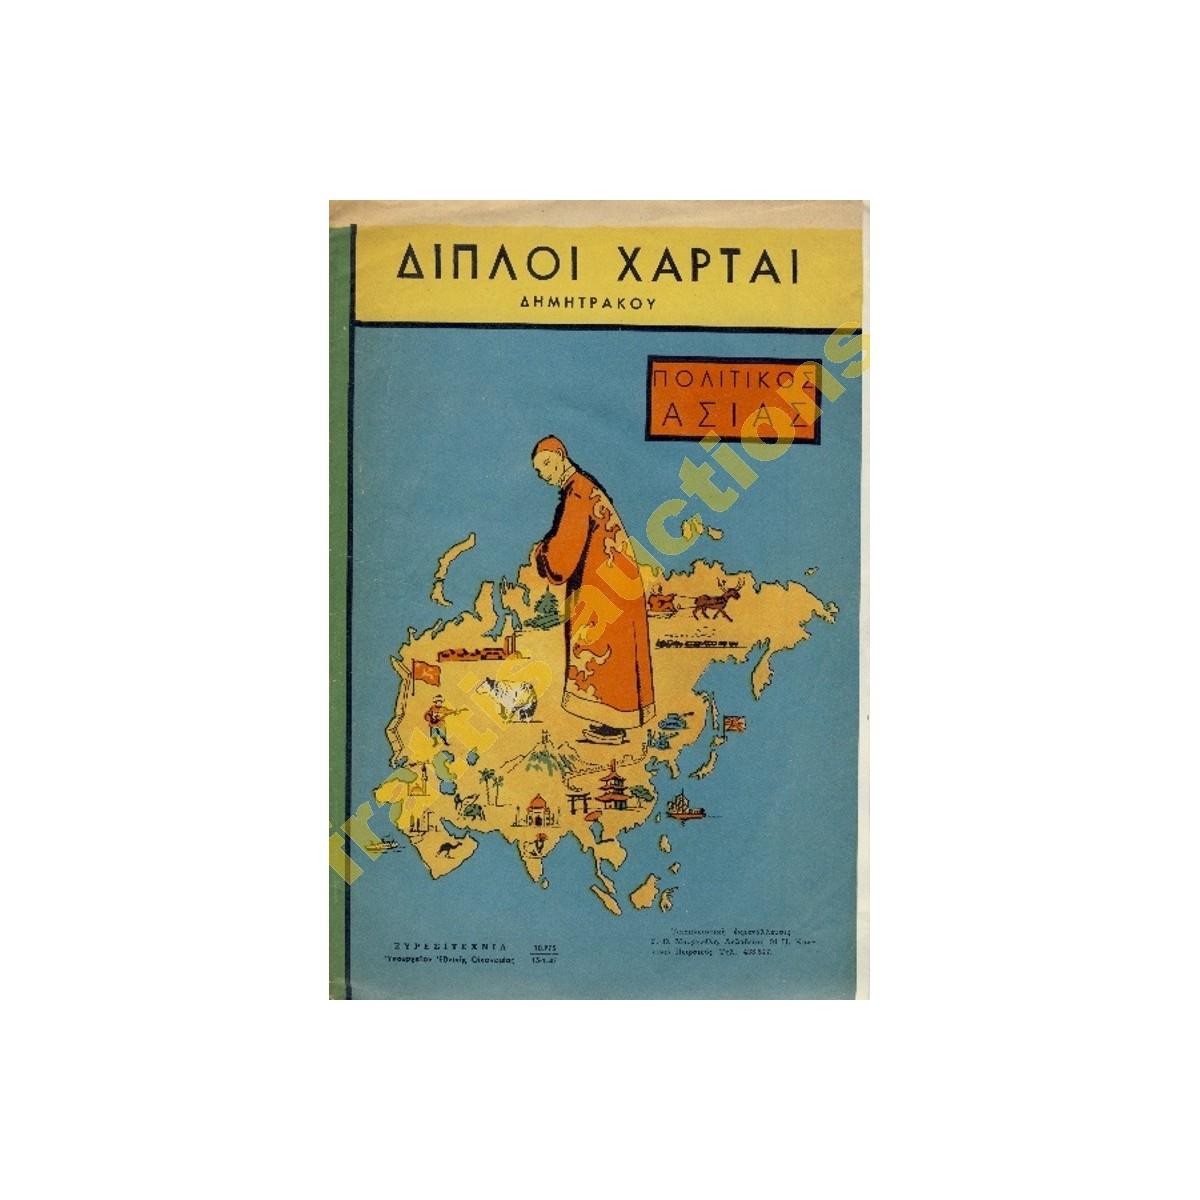 Ελληνικός διπλός χάρτης της ΑΣΙΑΣ, Δημητράκος / 1947.